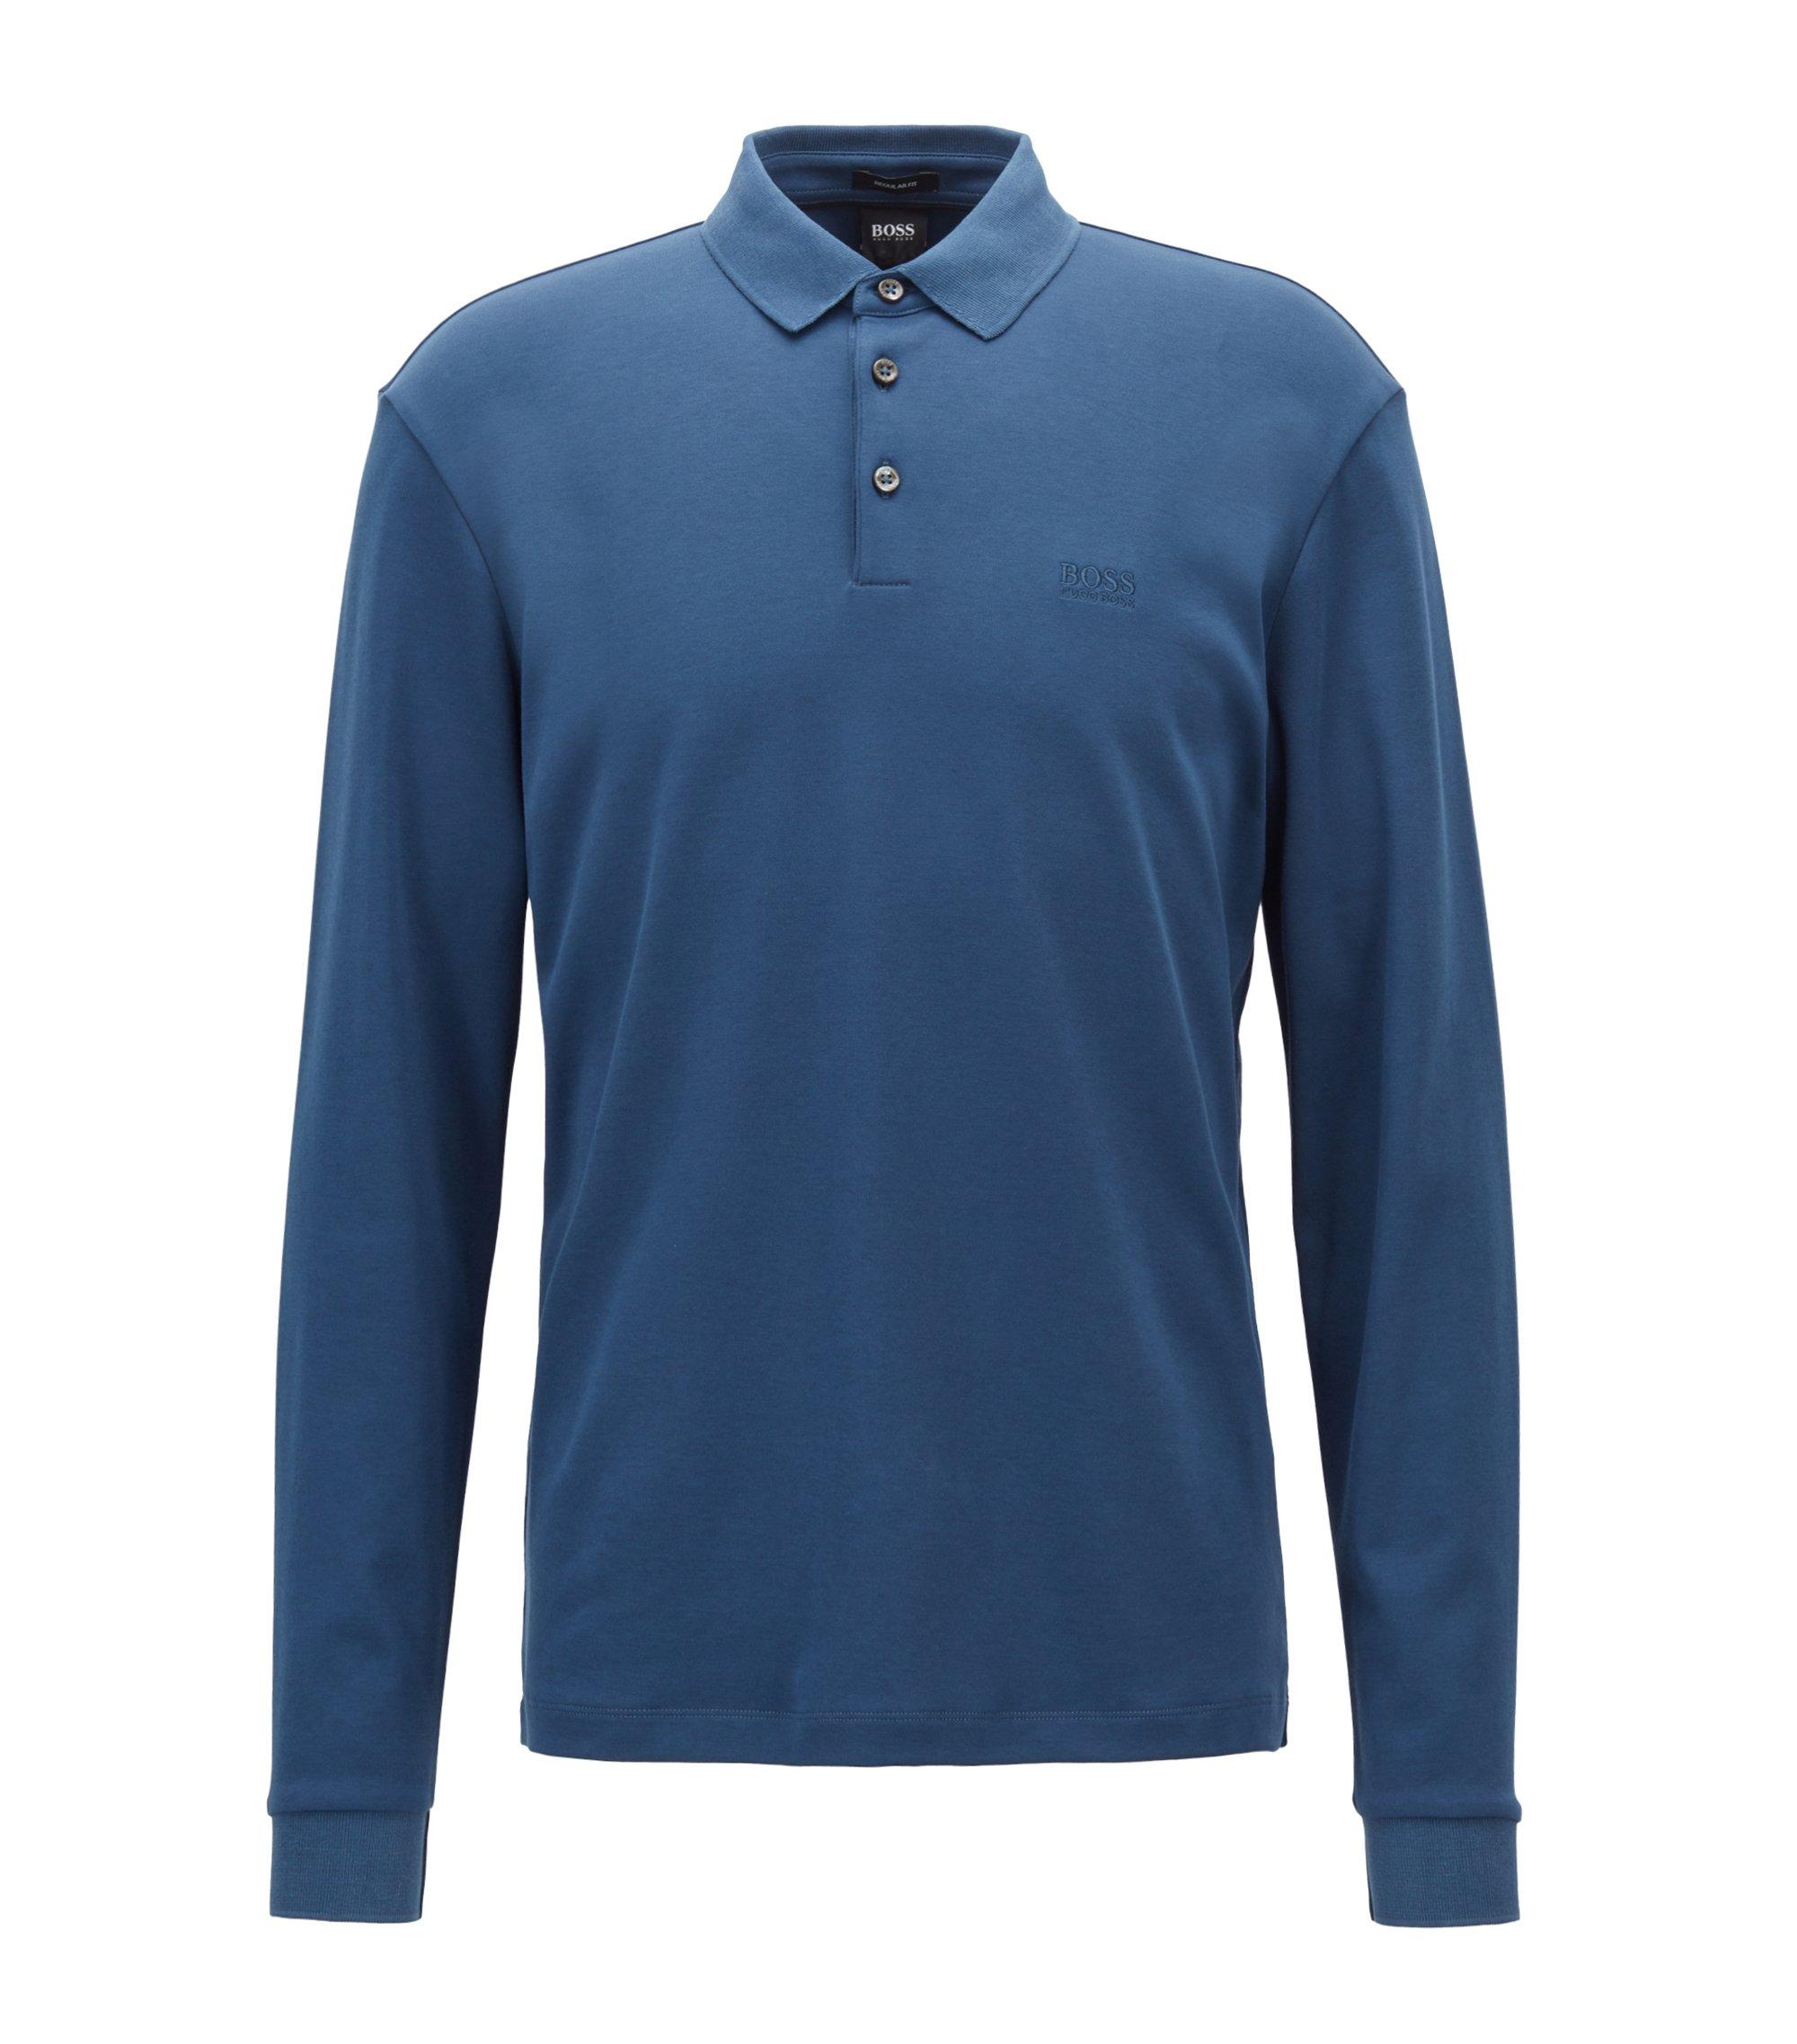 Poloshirt met lange mouwen van dubbelgebreide katoen, Blauw